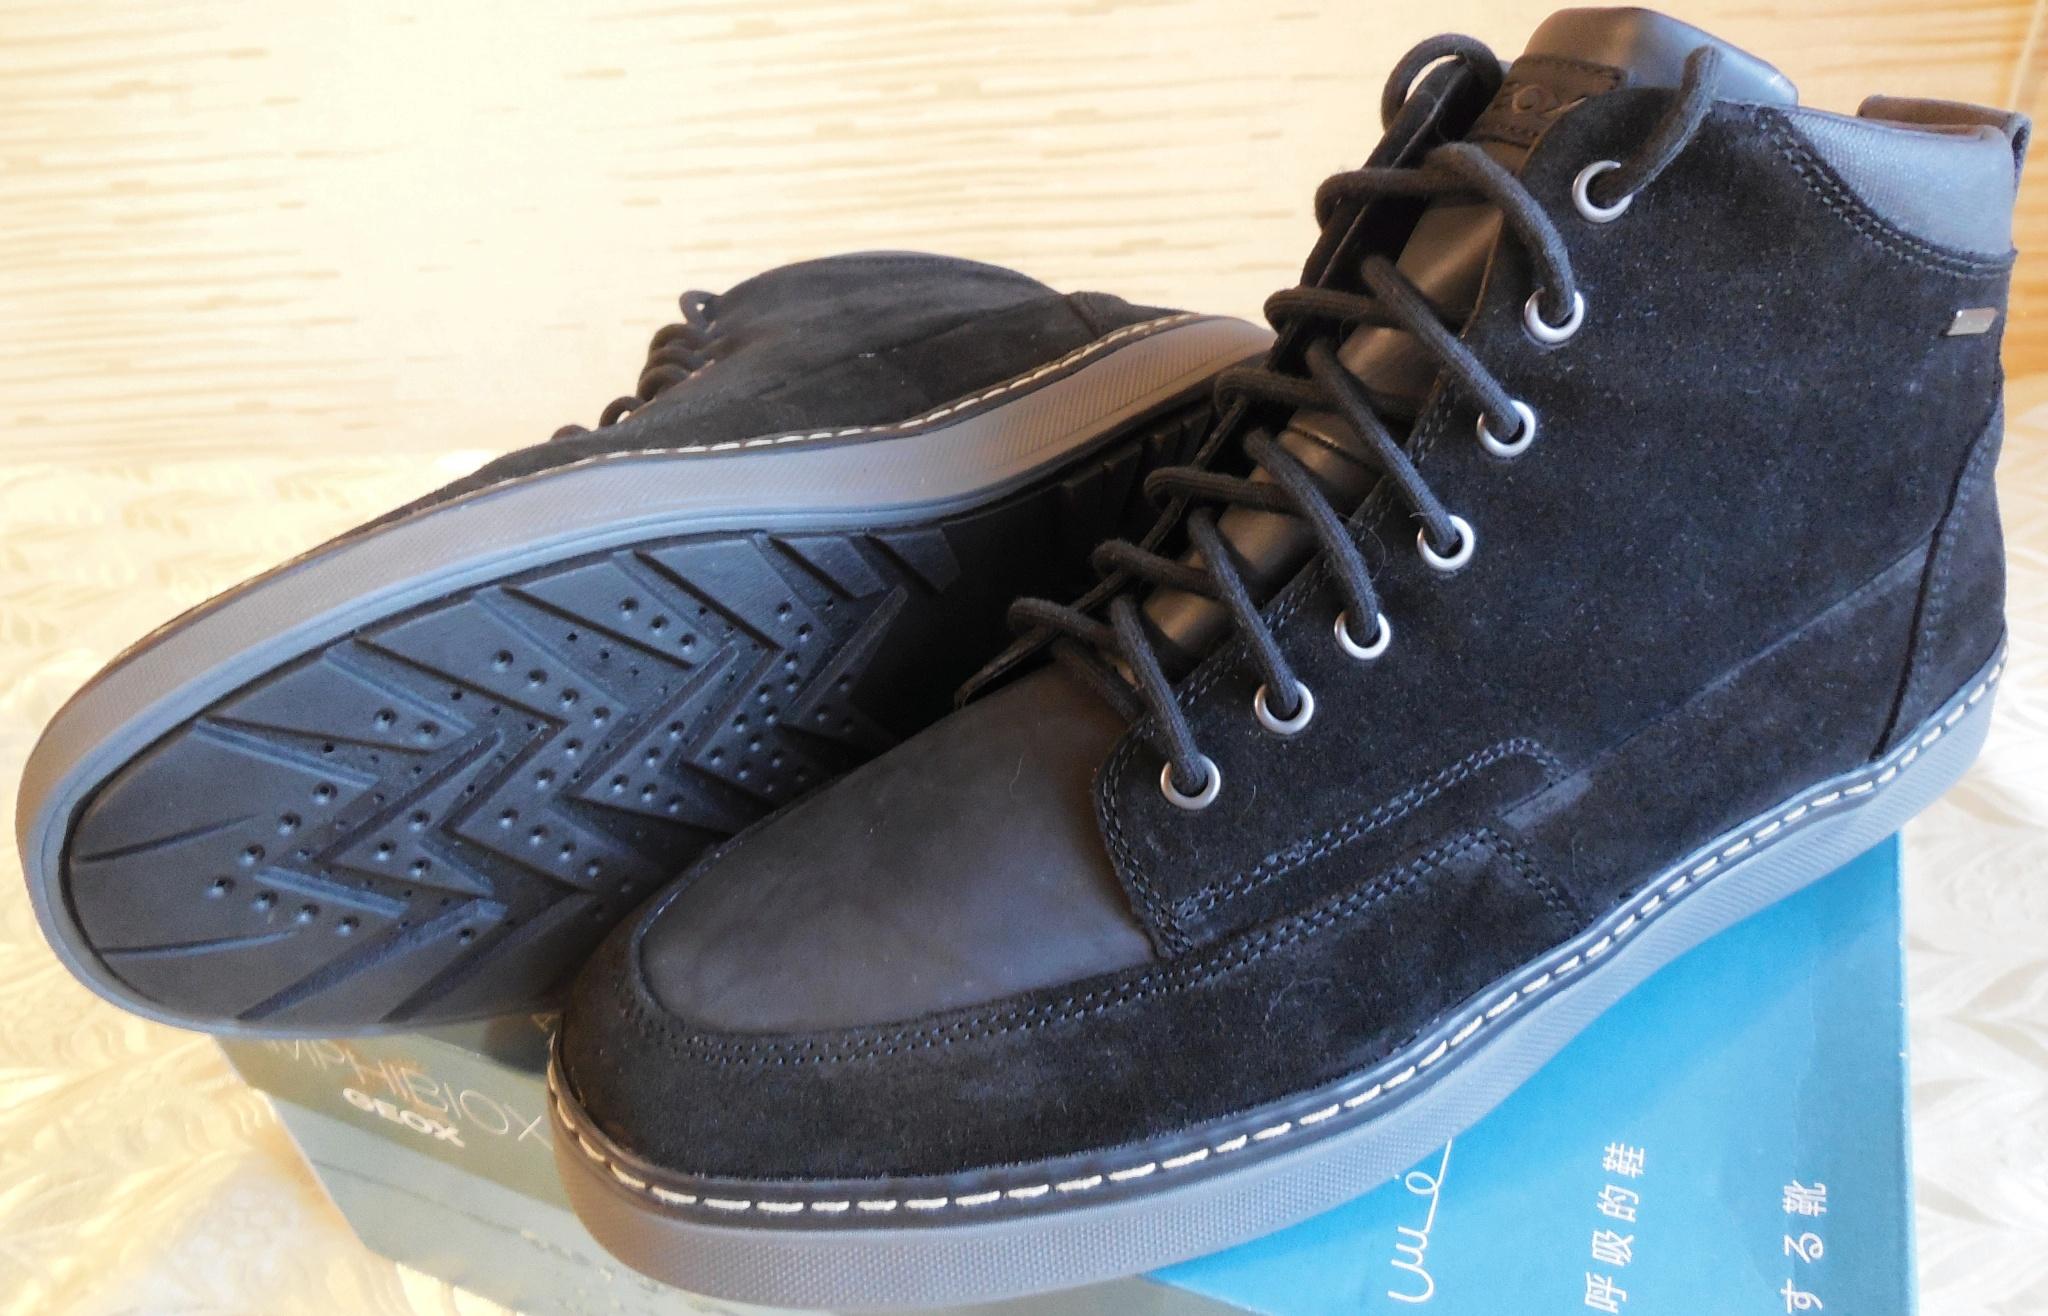 470477915 Обзор на Ботинки GEOX U74T1D02322C9999 мужские, цвет черный, размер 45 -  изображение 1